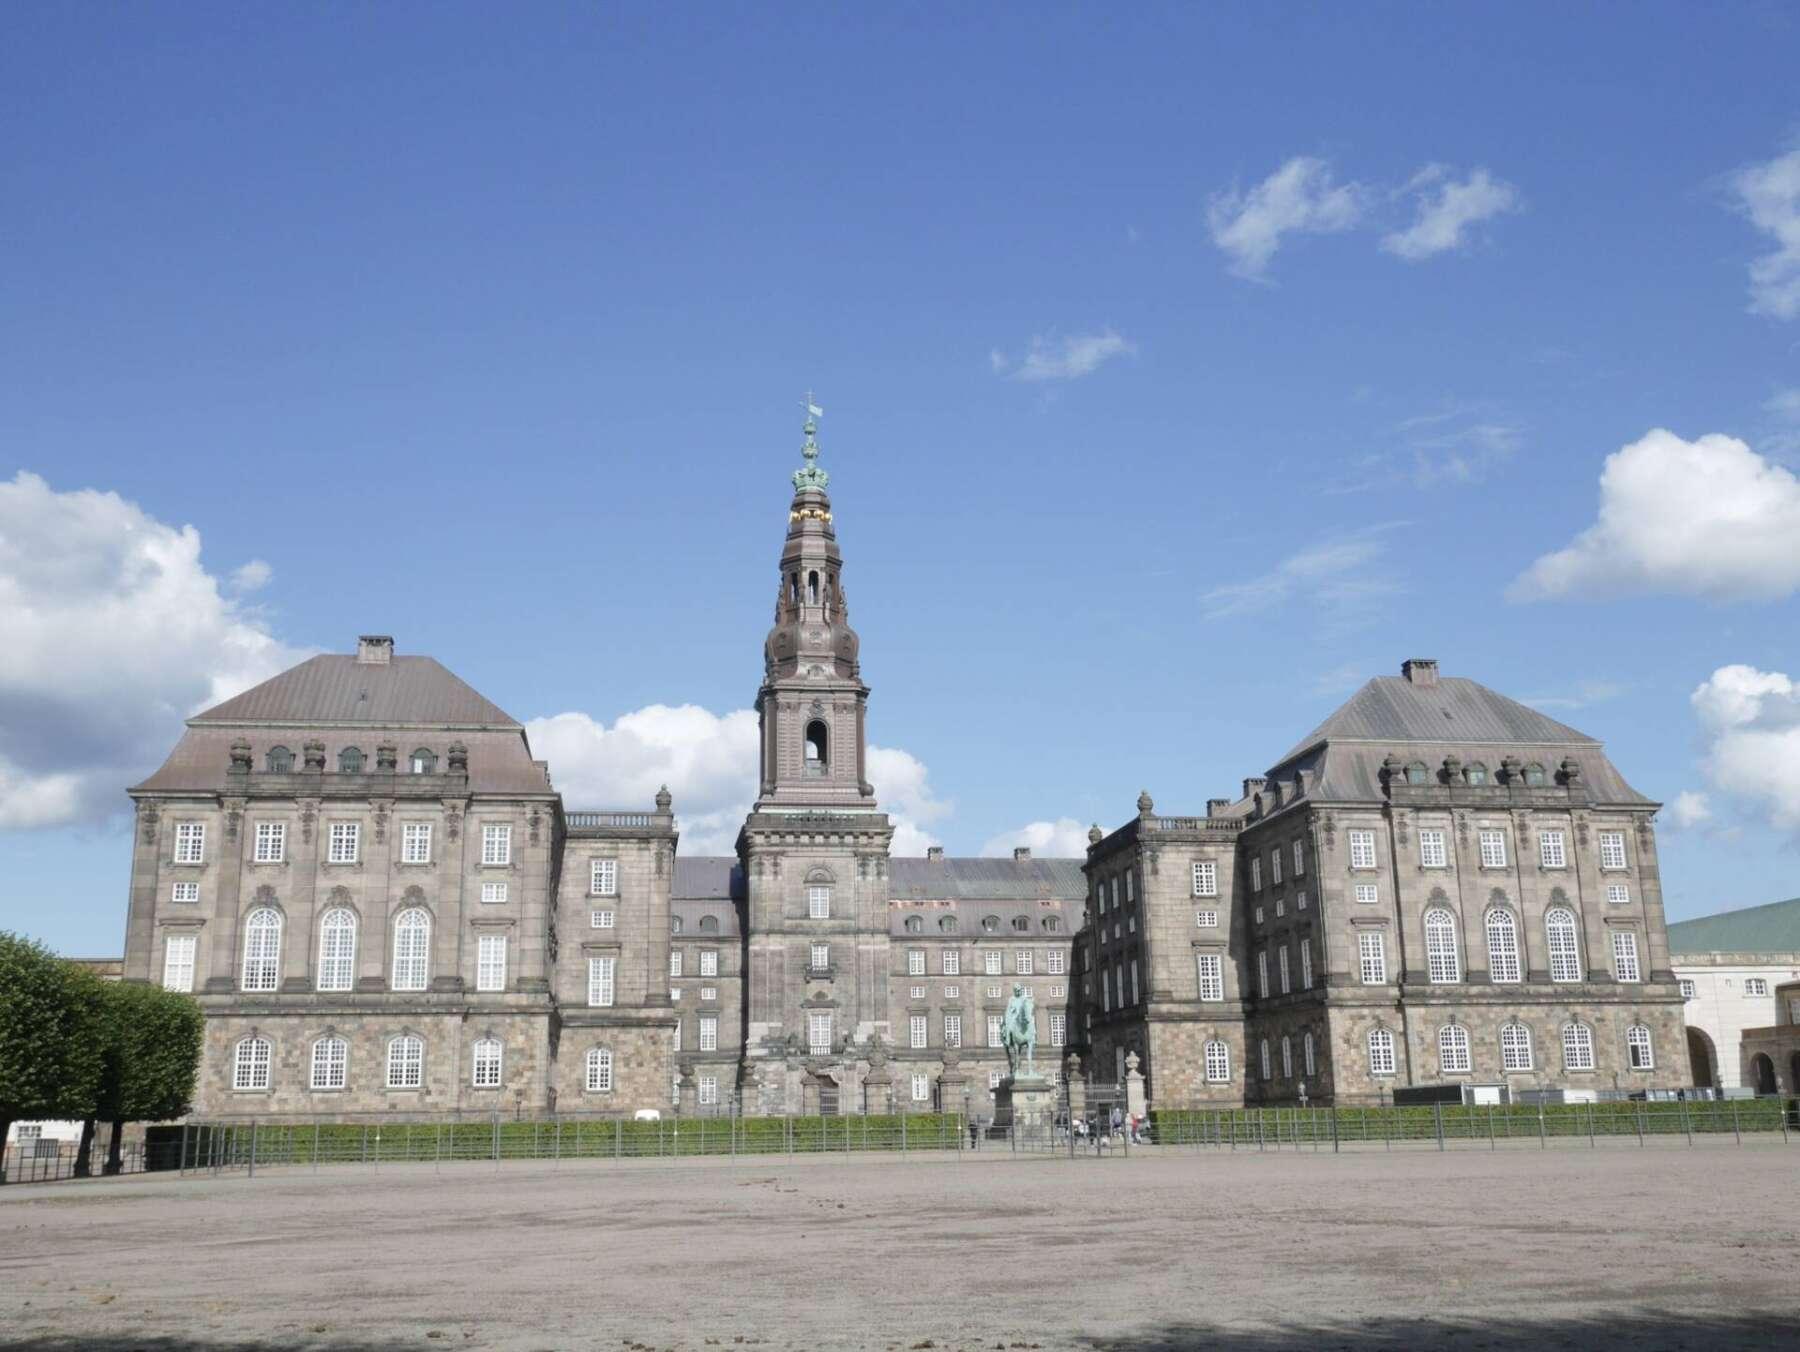 พระราชวังคริสเตียนสบอร์ก (Christiansborg Palace)